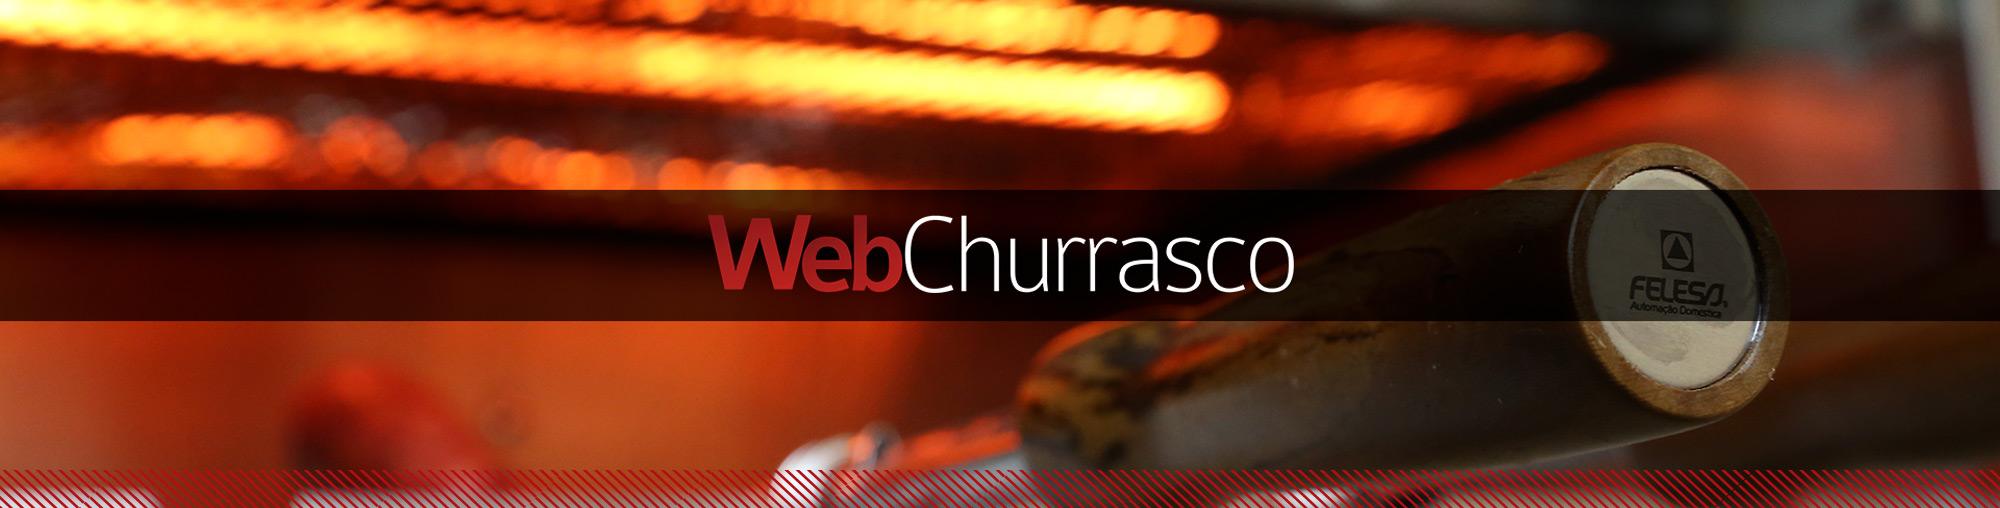 WebChurrasco